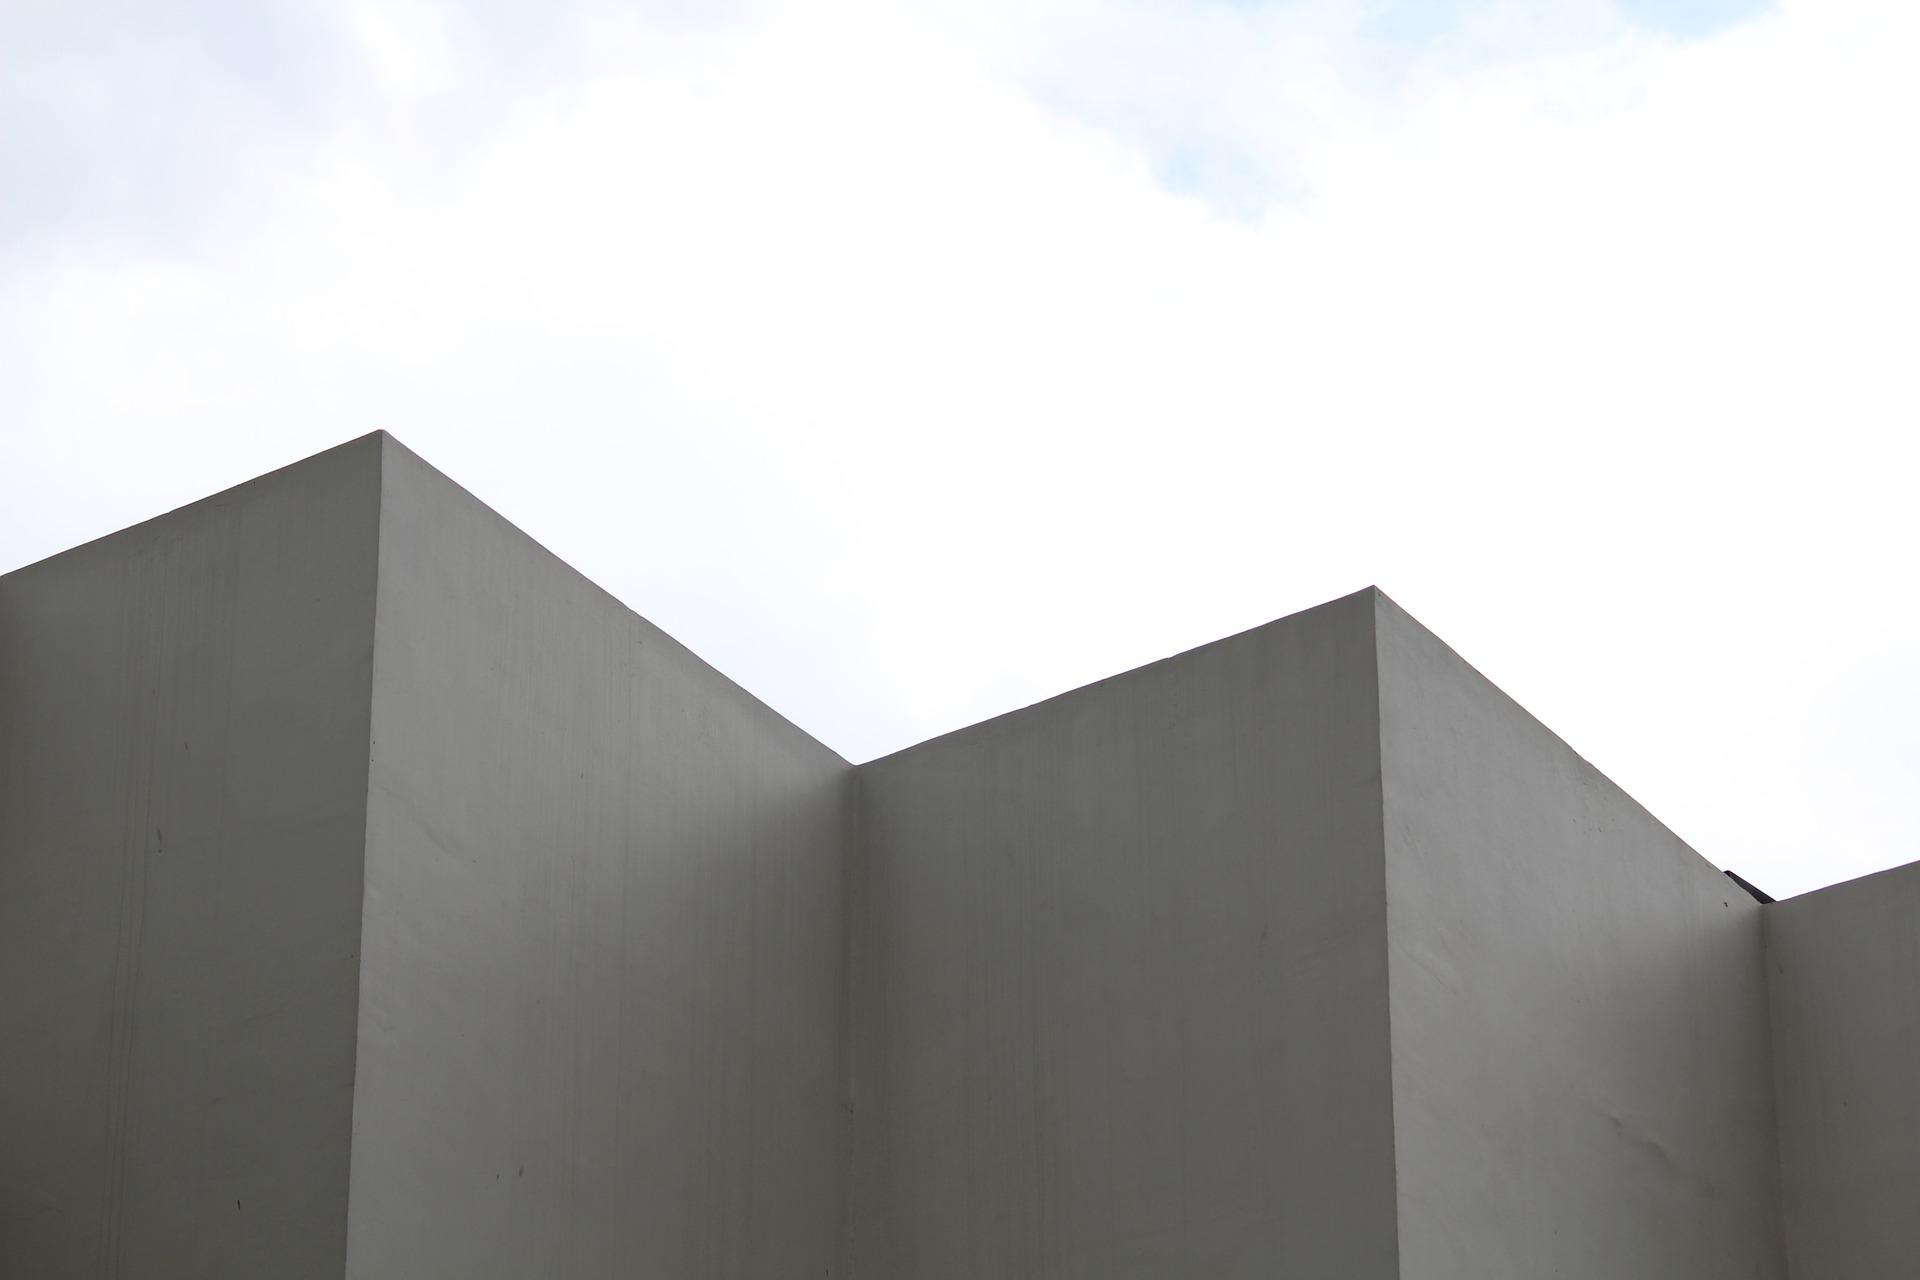 buildings-1545966_1920